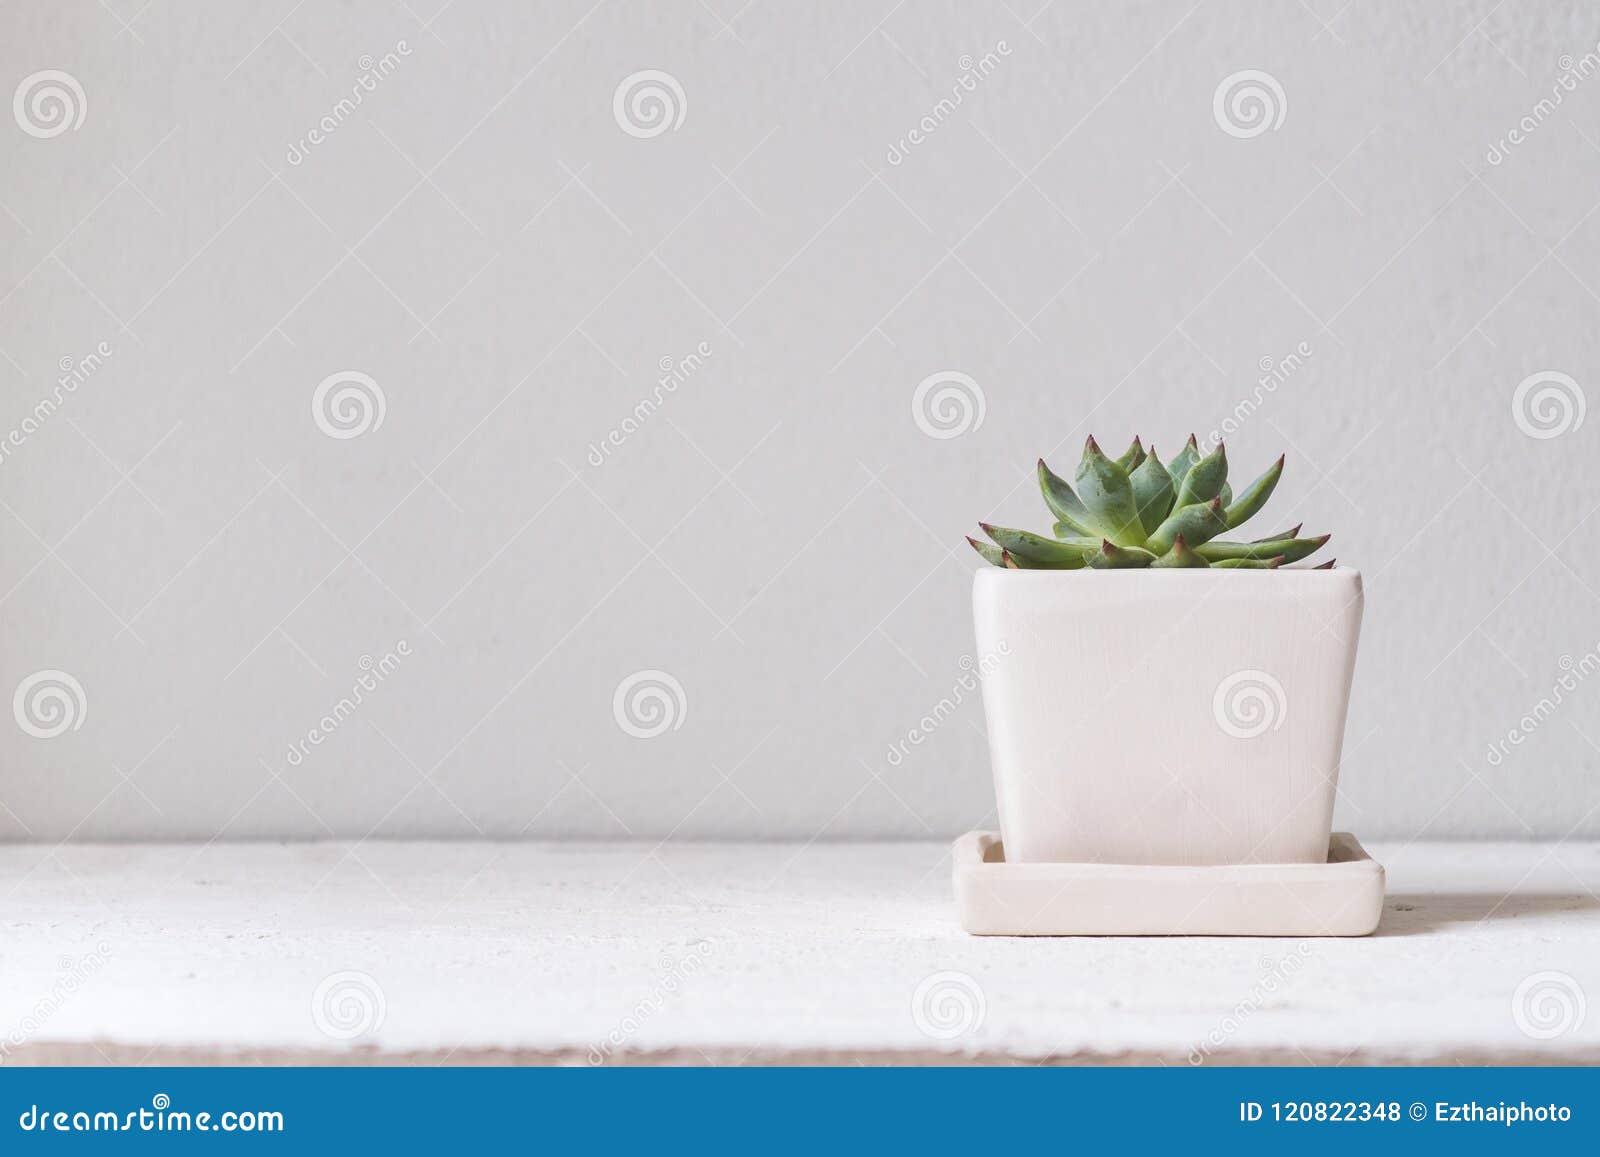 Usine cucculent verte dans le pot de fleur blanche Hous succulent mis en pot